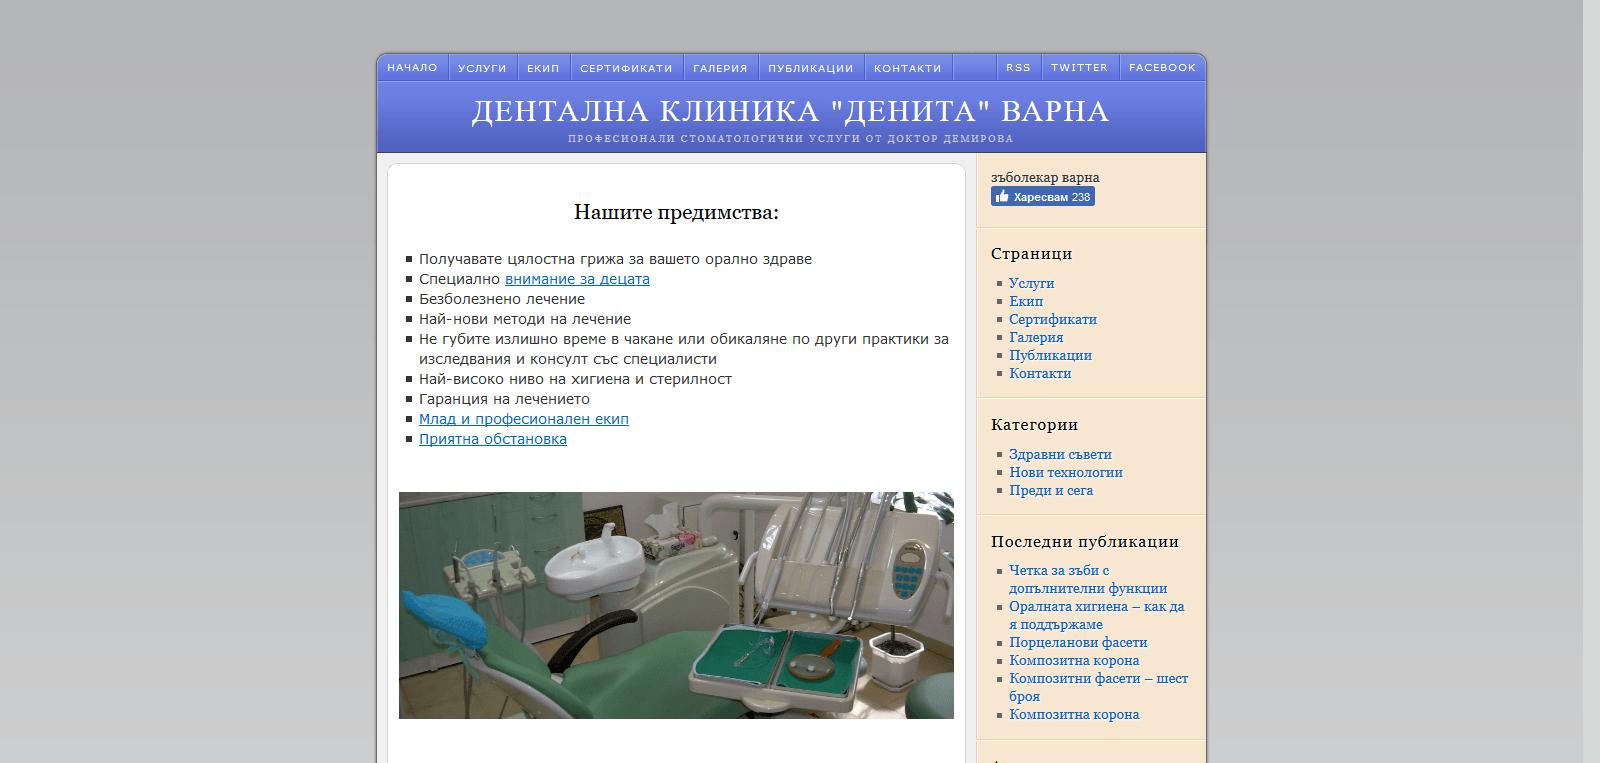 dentist.yankov.net